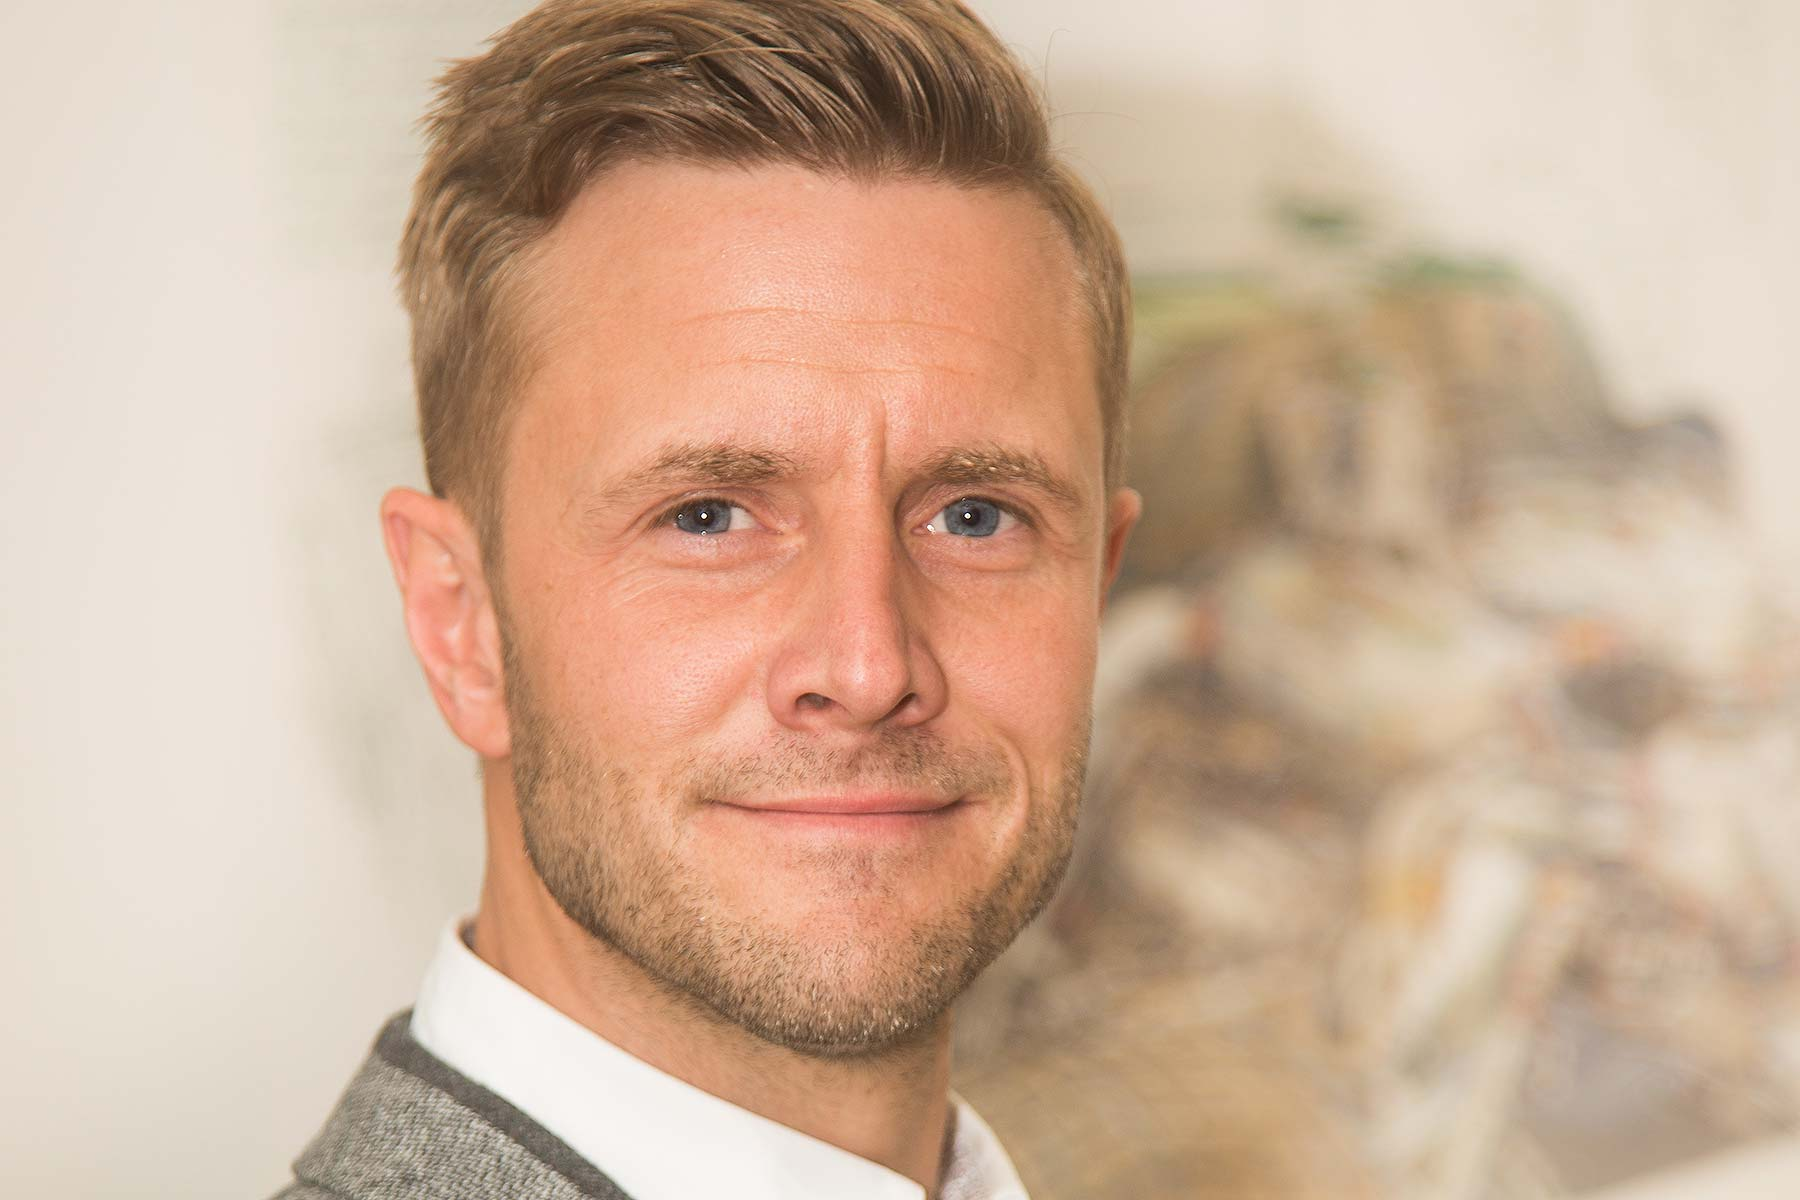 John Paul Gregory, head of exterior design, Bentley Motors